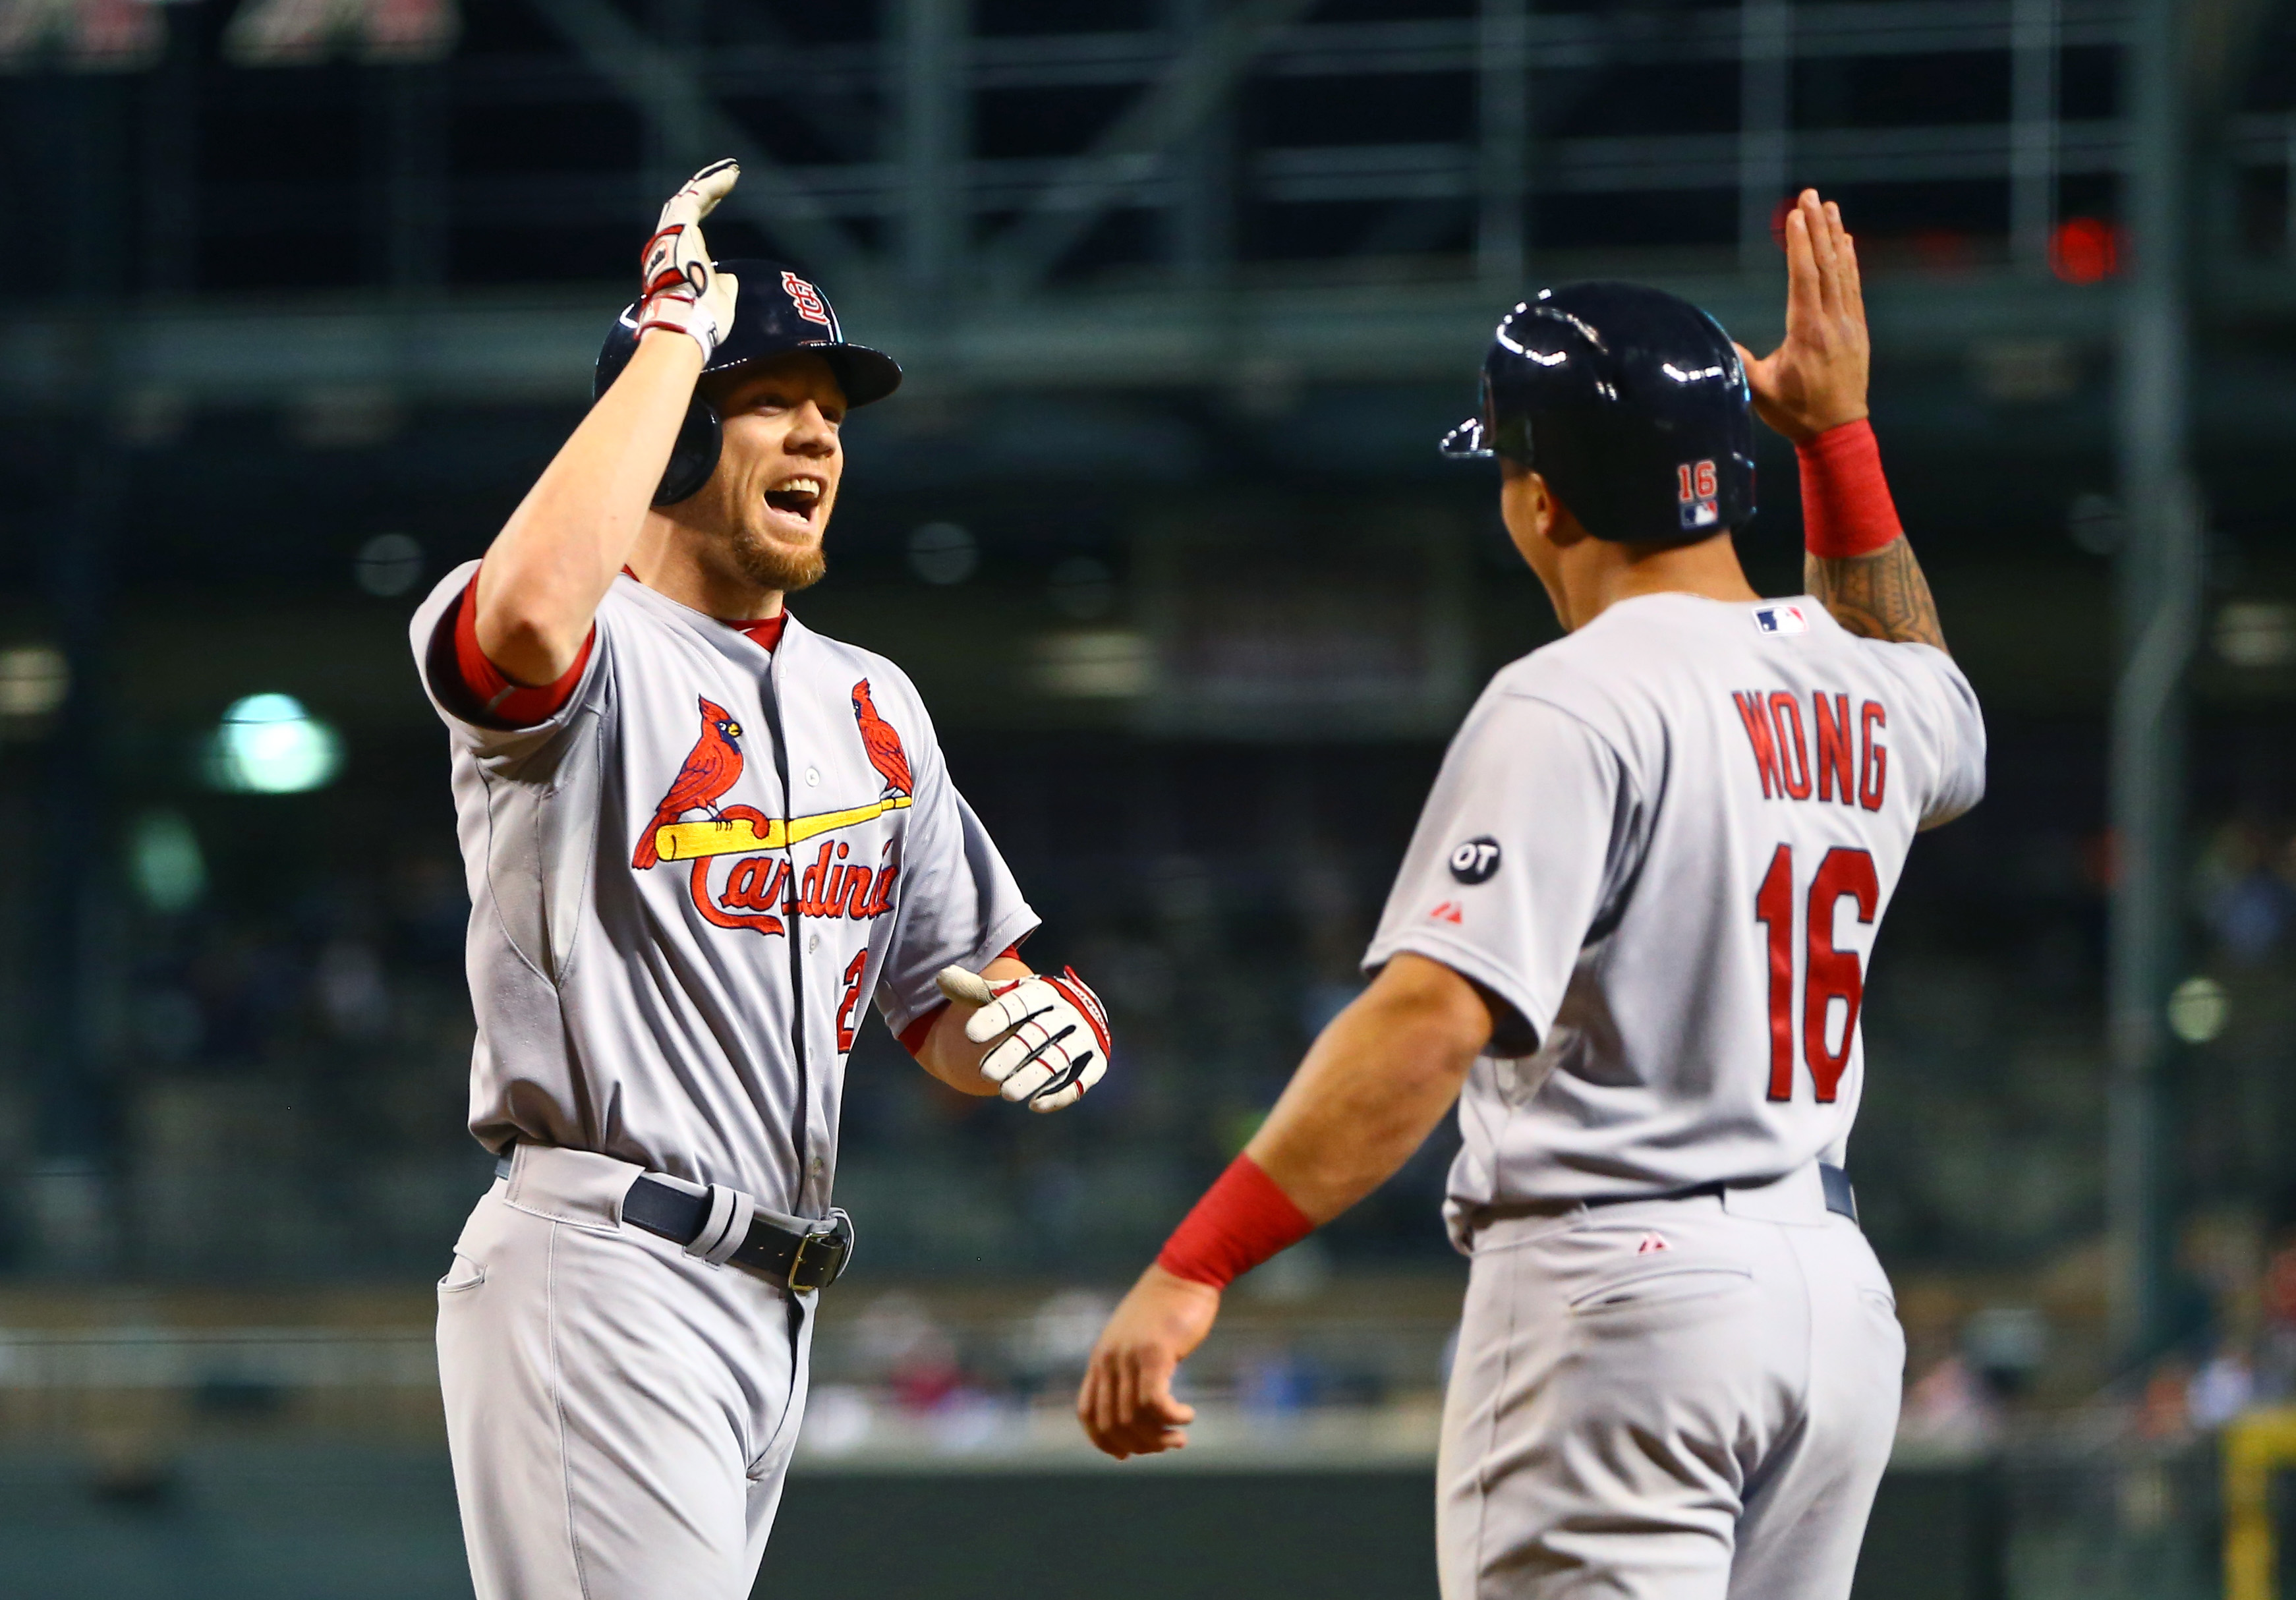 Moss gives 'Wonger' a high-five post-homer.